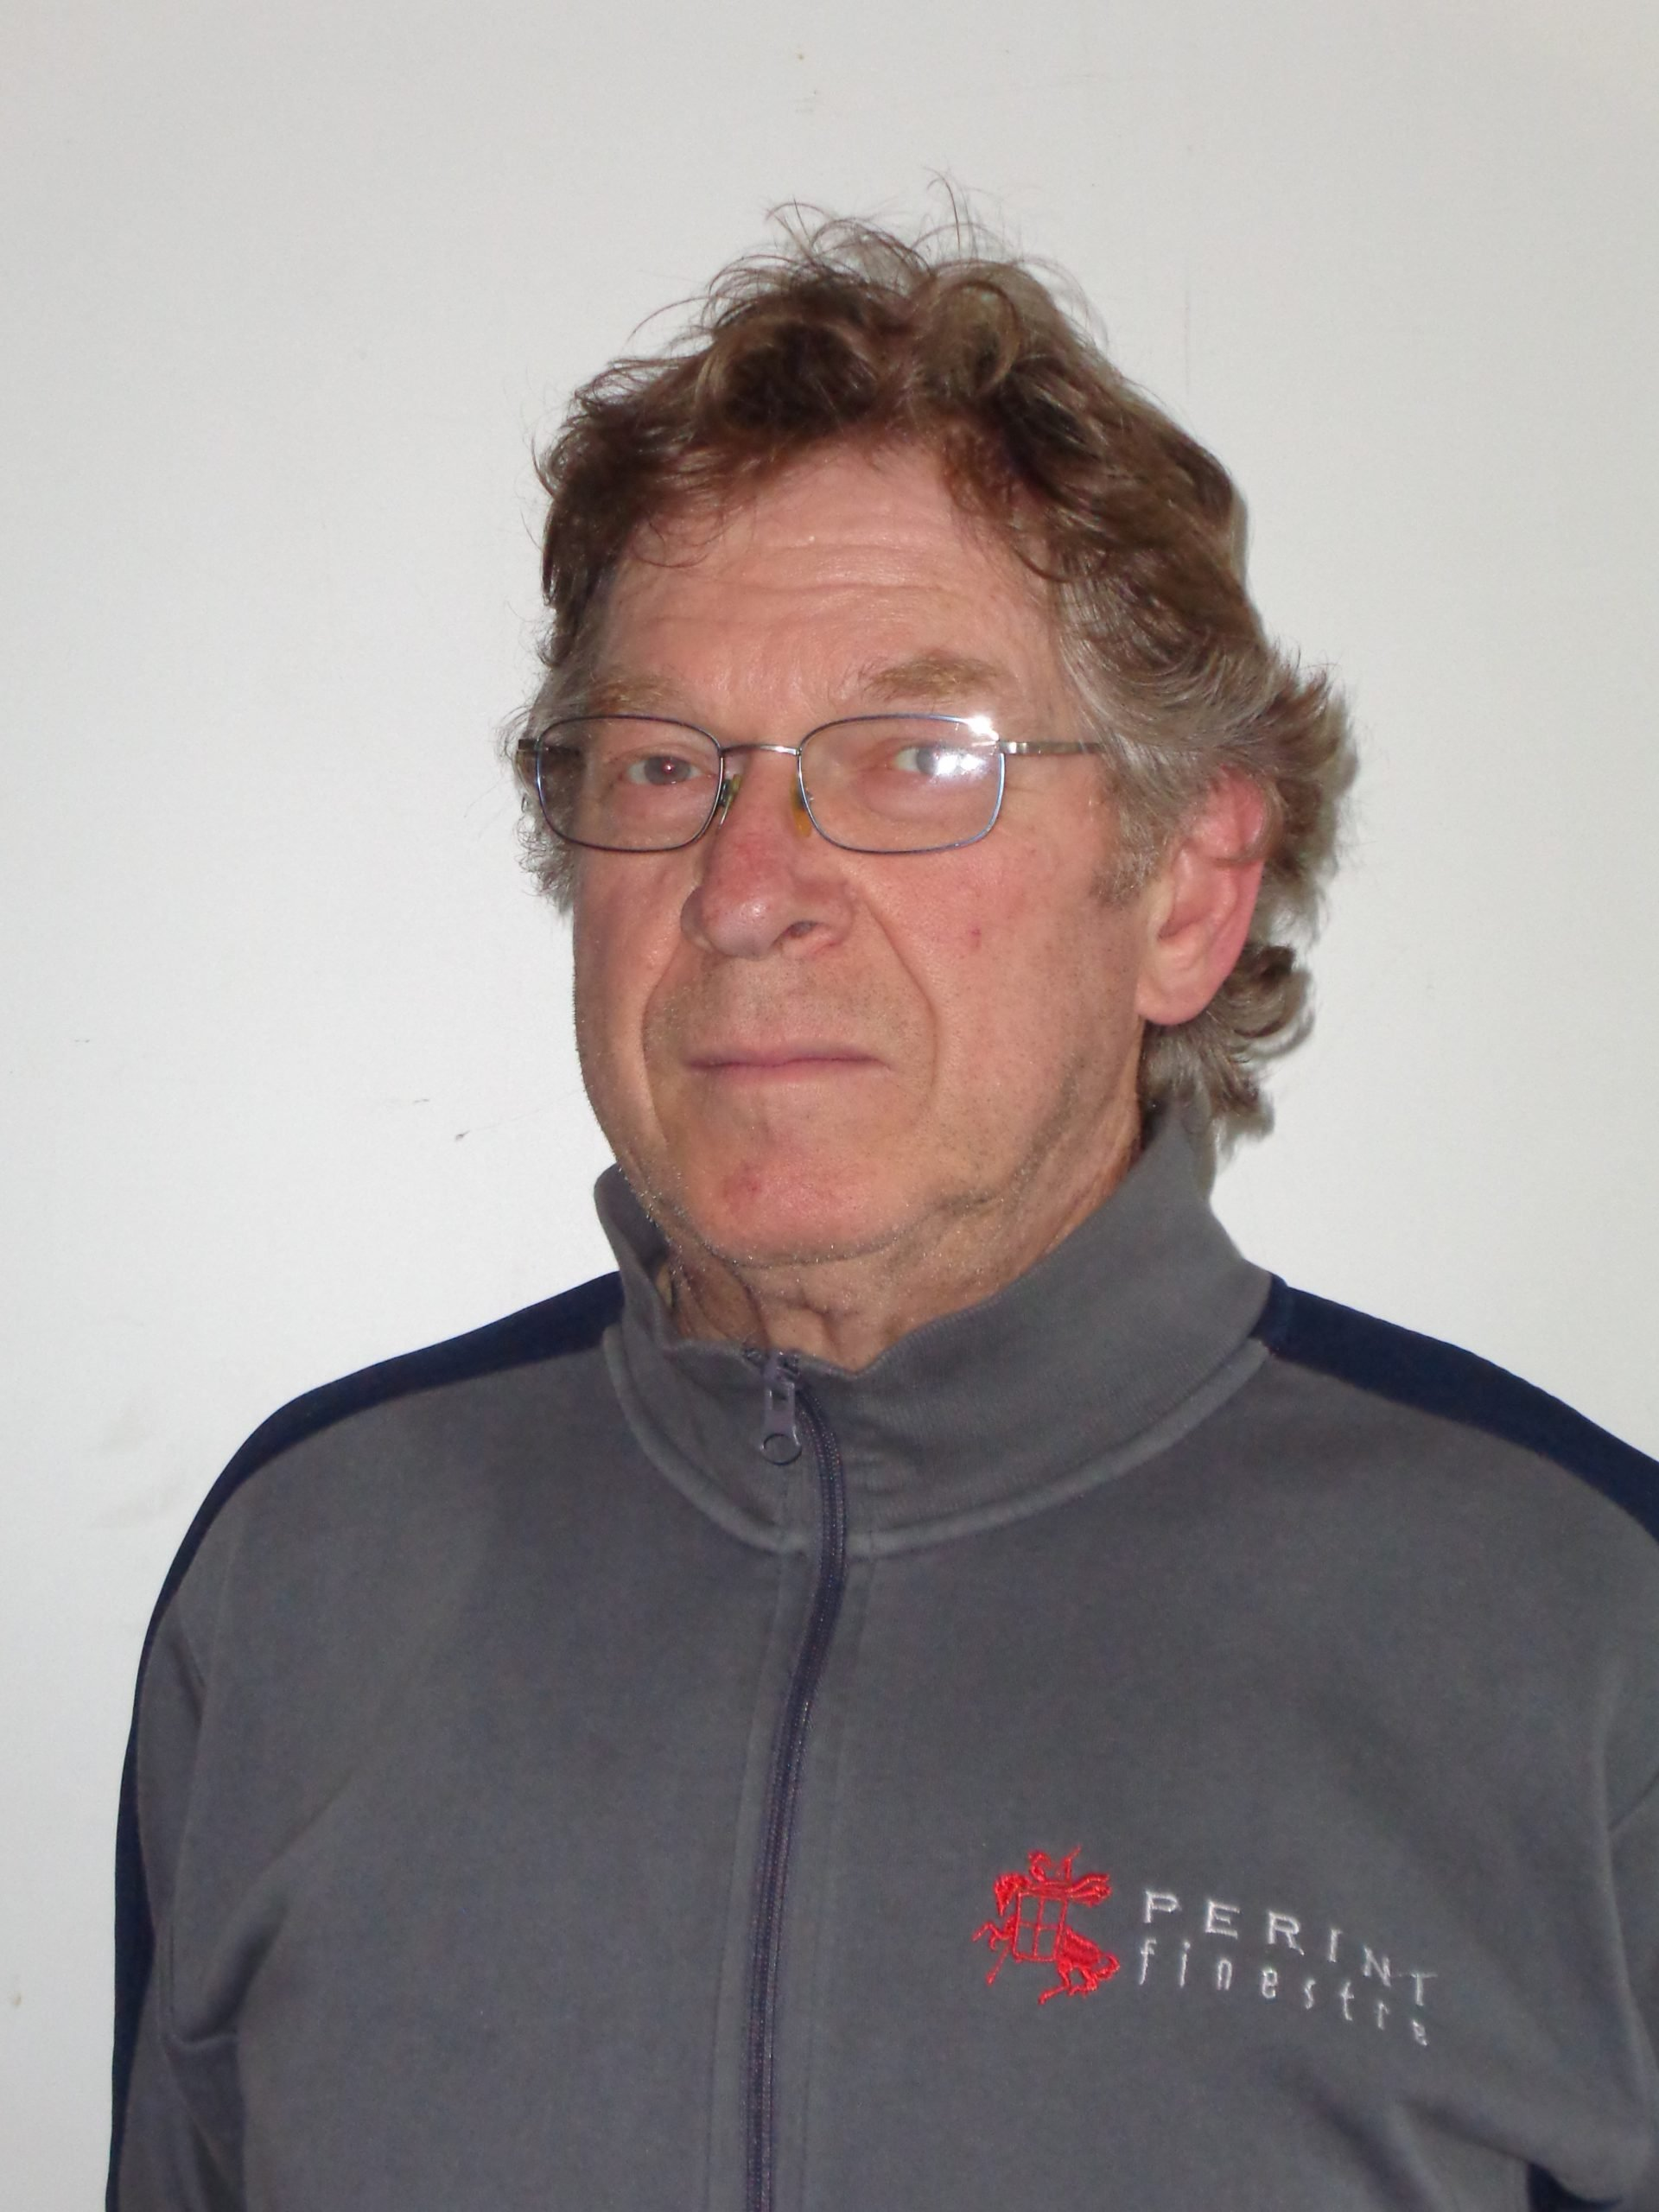 Perini Giorgio